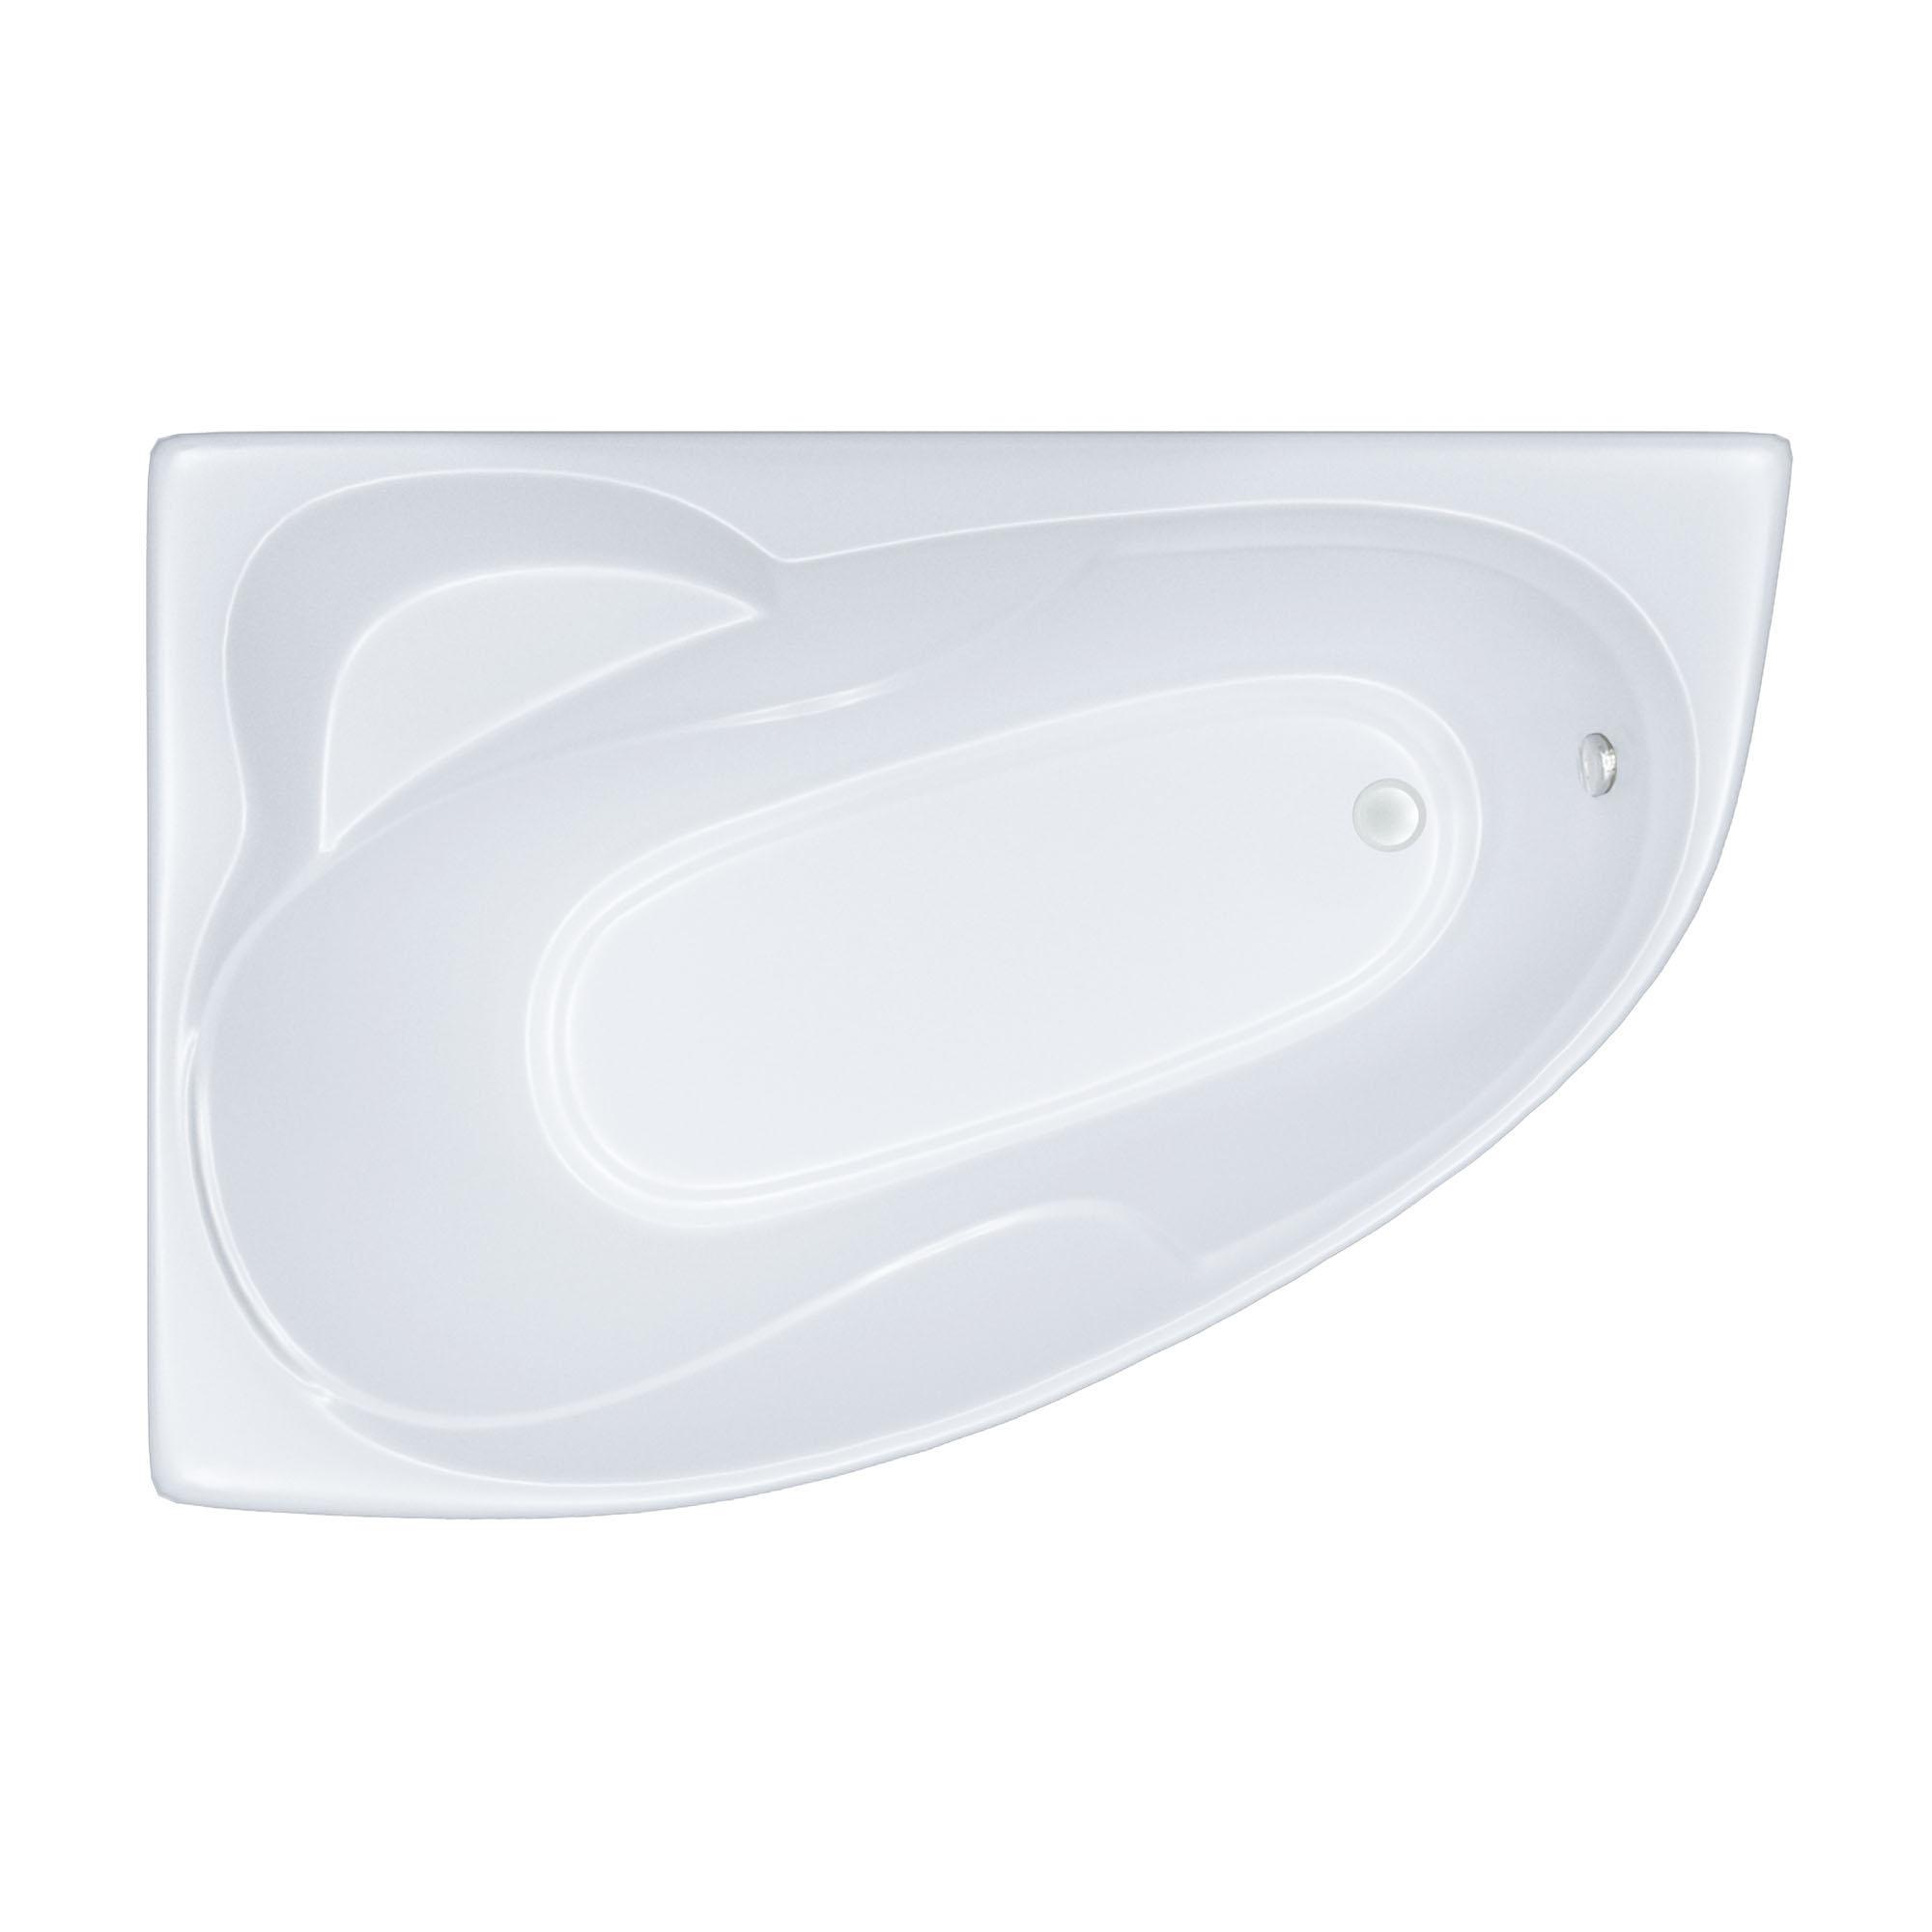 Акриловая ванна Тритон Кайли правая цена